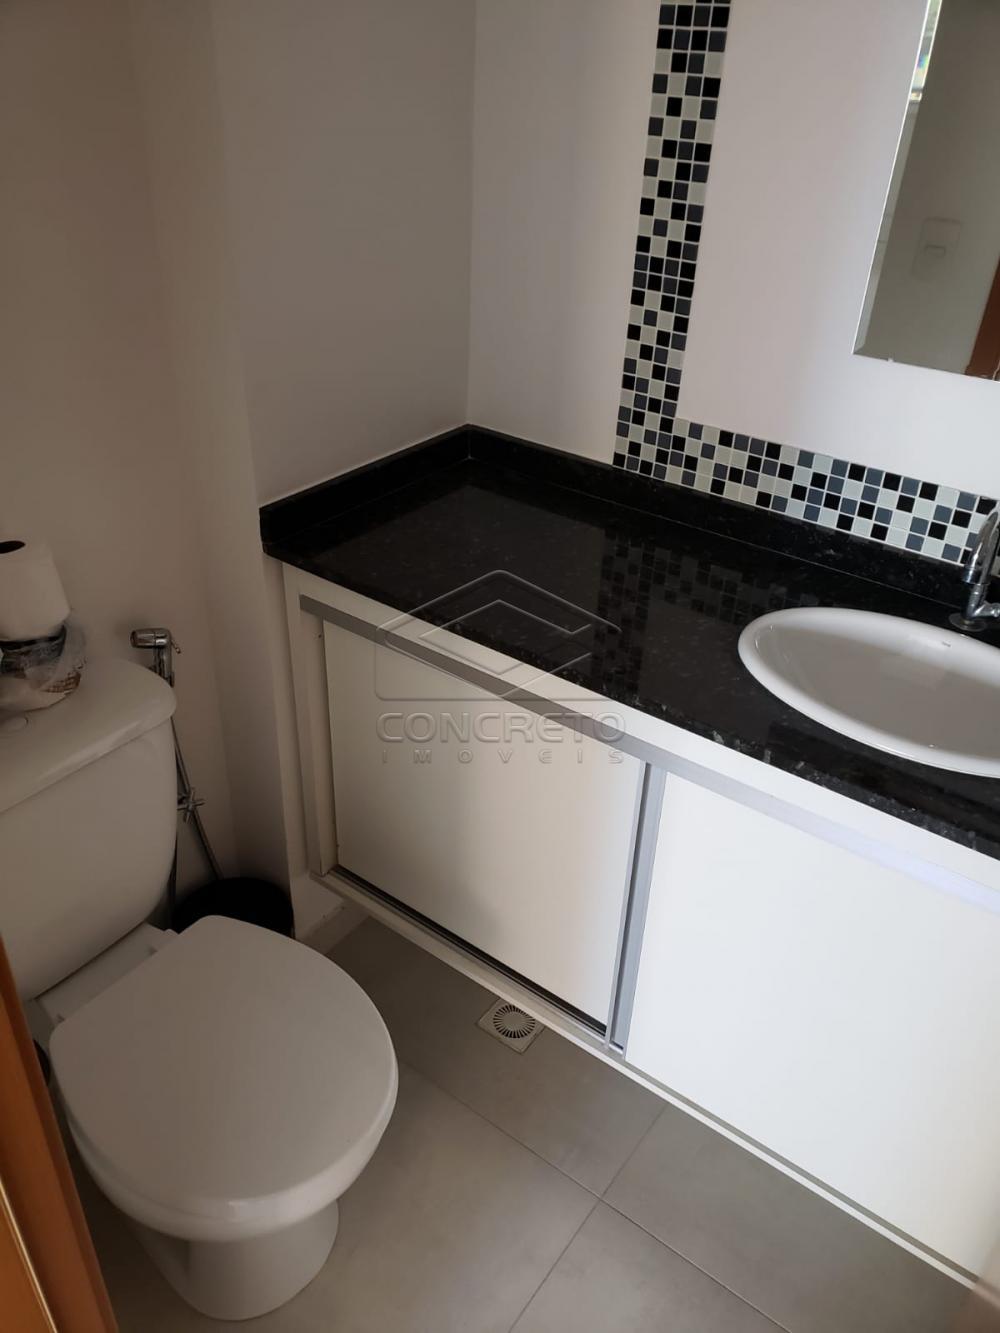 Comprar Apartamento / Padrão em Bauru R$ 360.000,00 - Foto 18